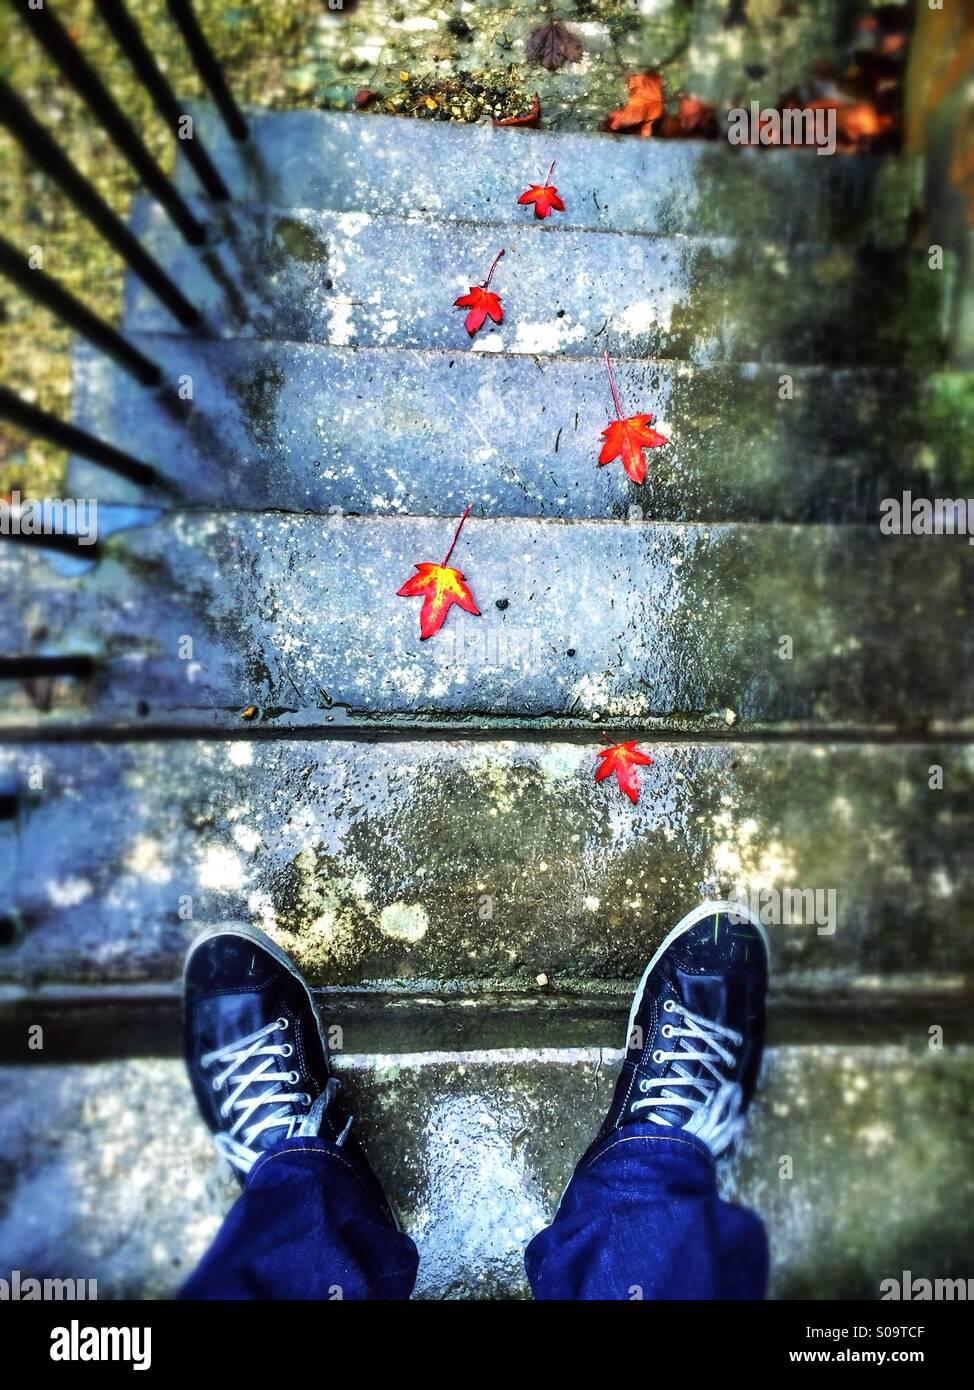 Nach unten auf ein Mann stand an der Spitze einer Reihe von Regen durchnässt Schritte, seine Füße Stockbild